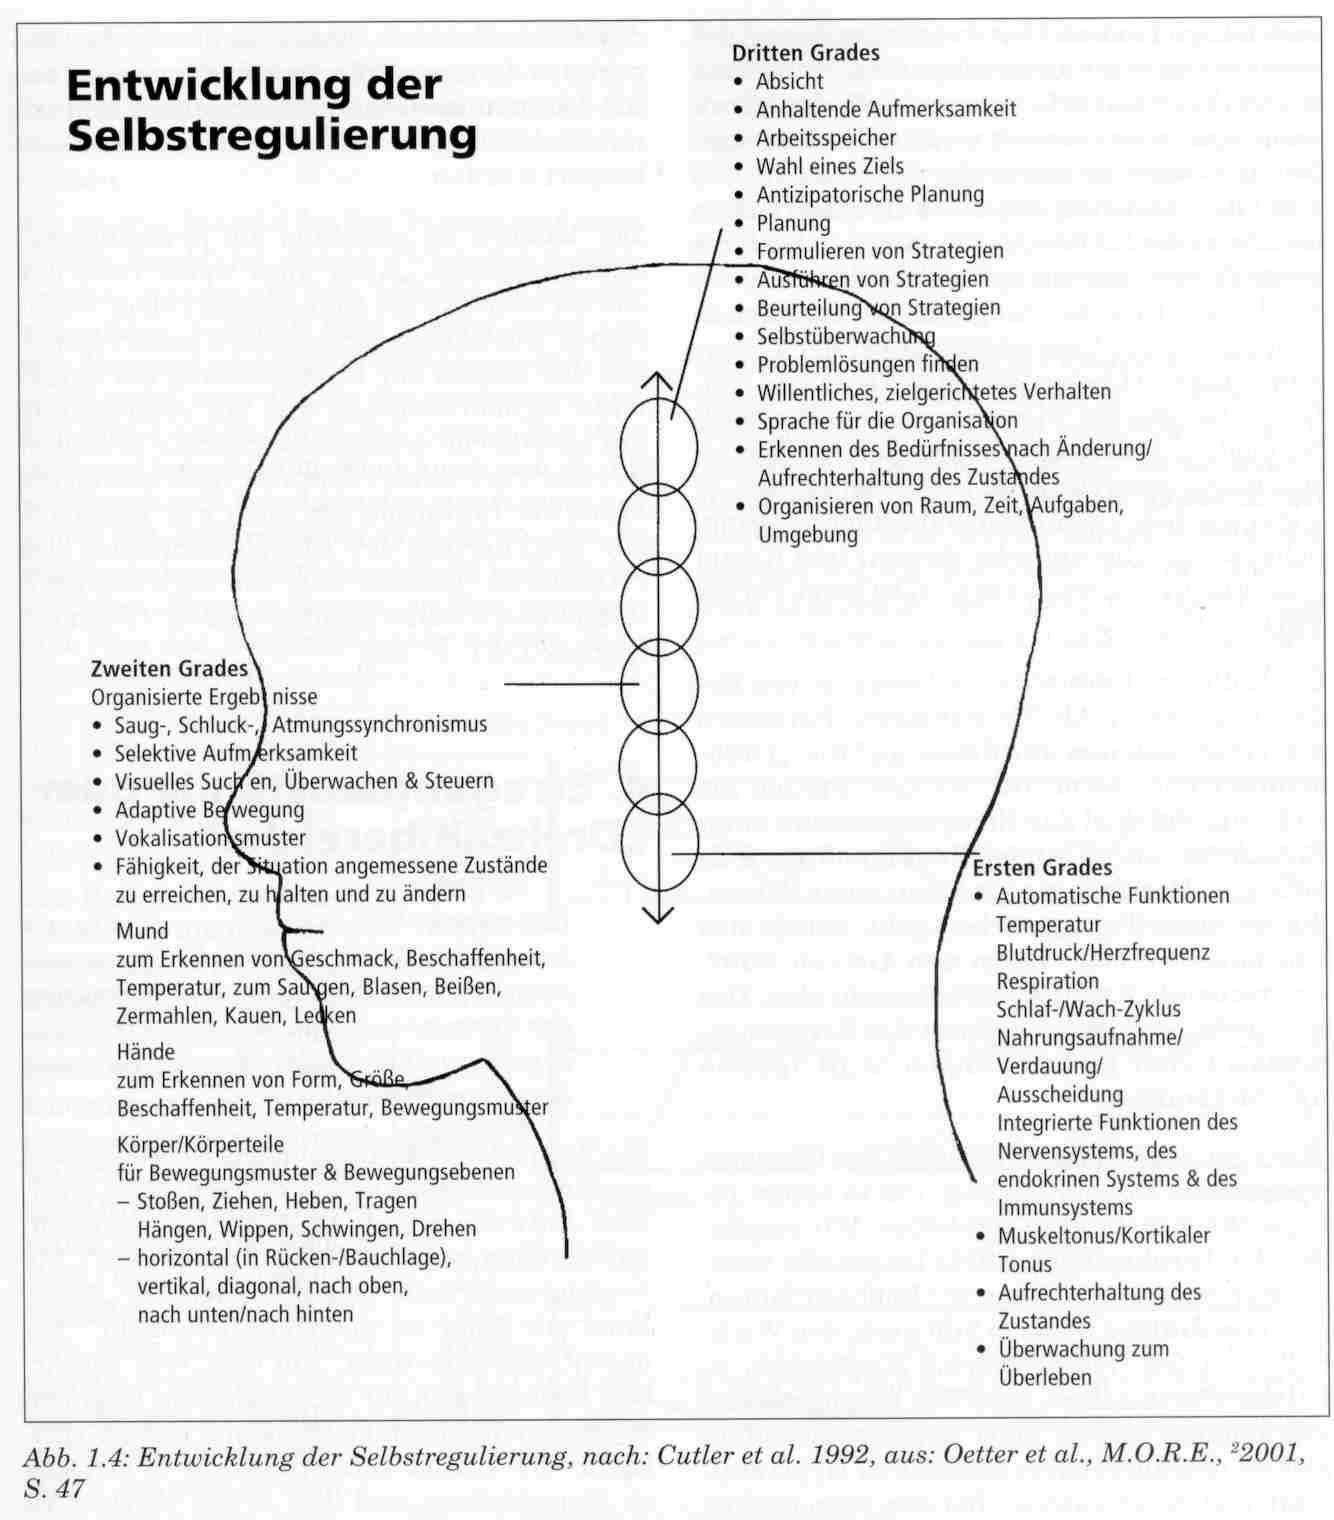 Praxen für Ergotherapie Ernst Barthel - Das Alertprogramm | Sprüche ...